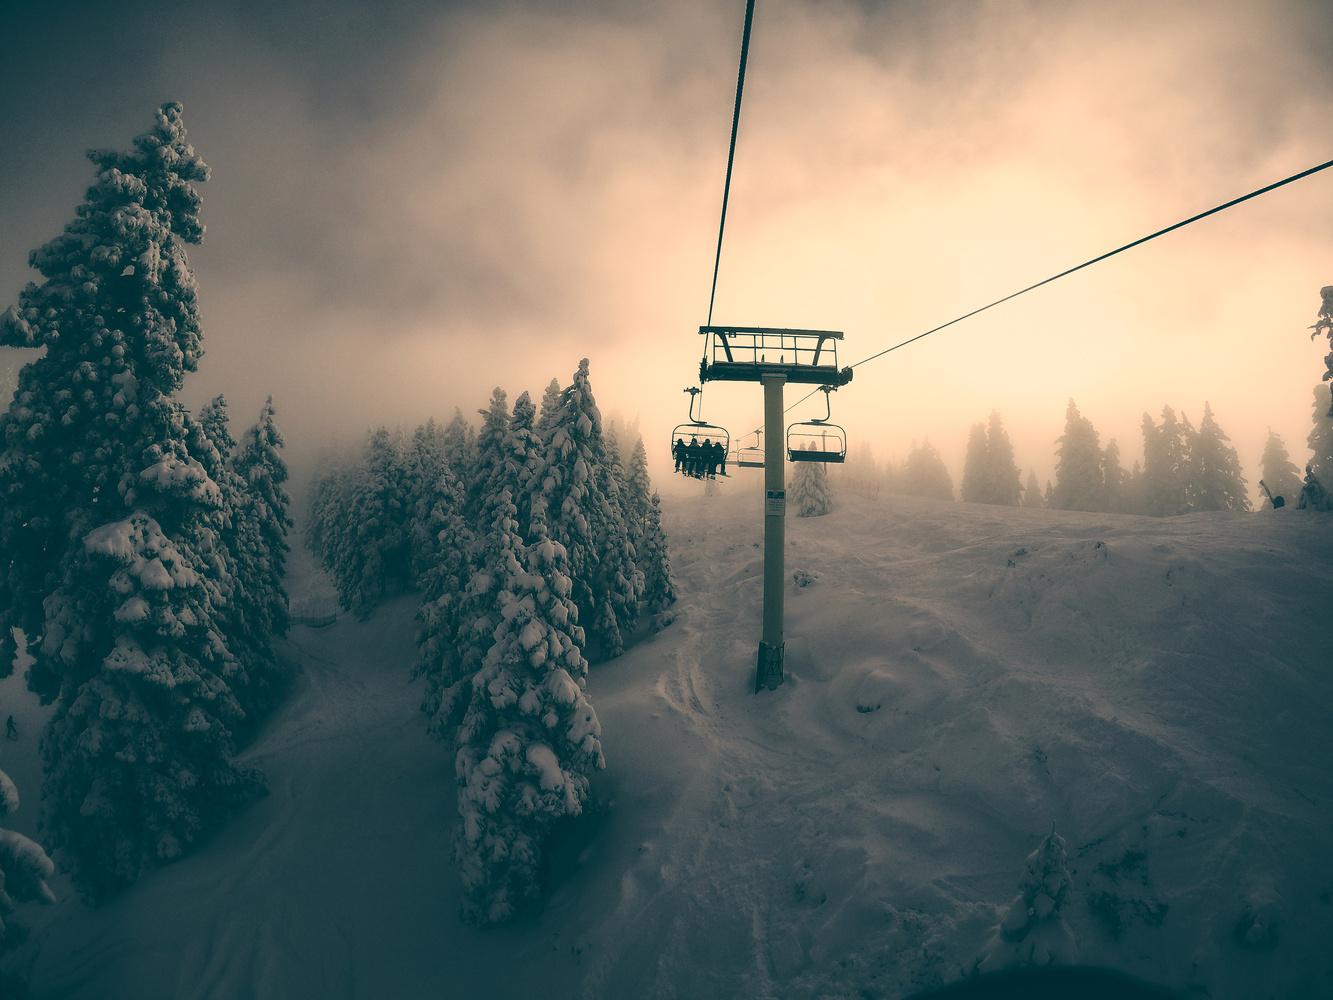 Snow summit at Big Bear, California by Rus Kulinov